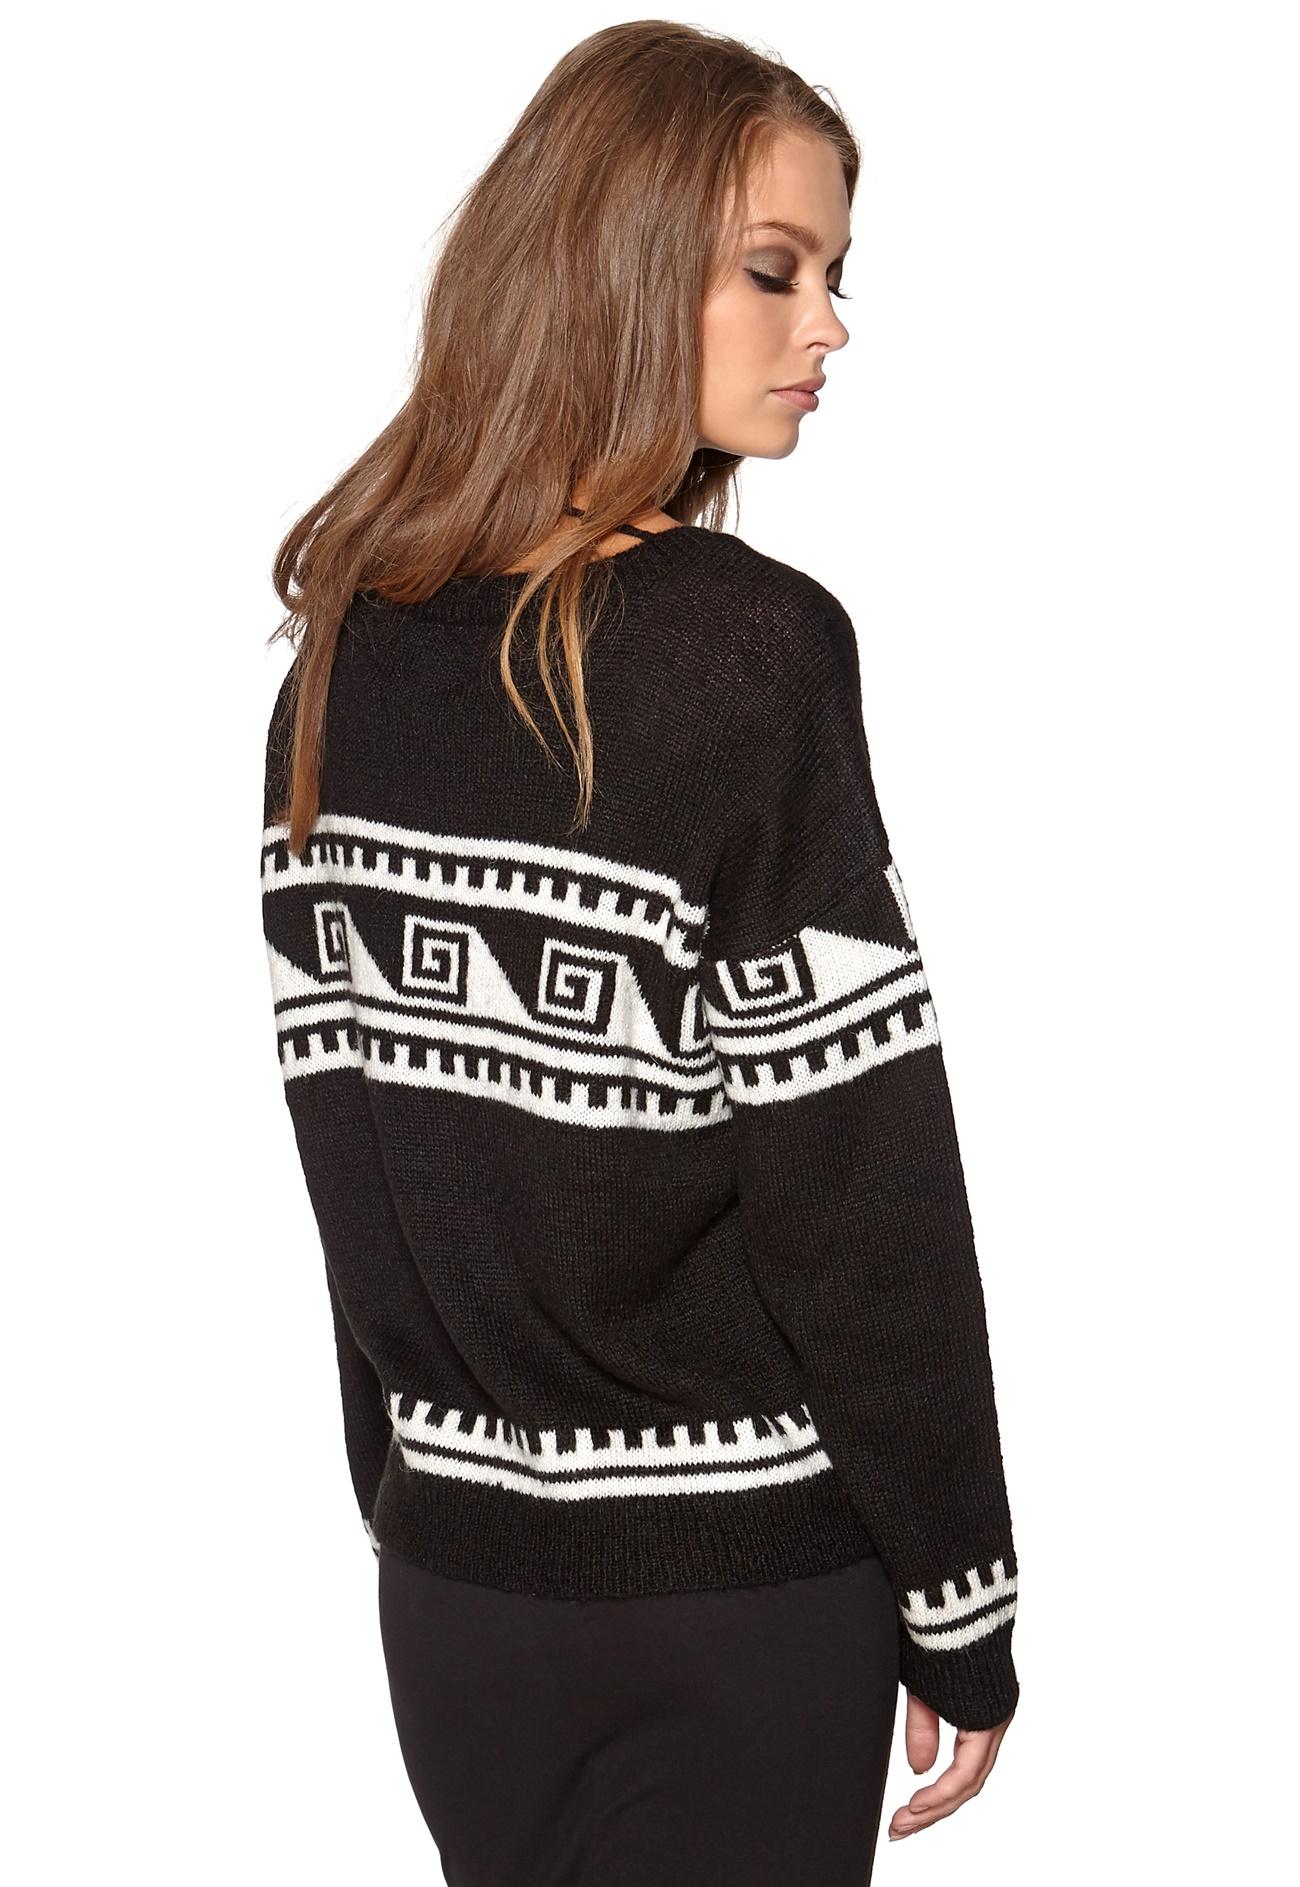 Vero Moda Knitting Patterns : Vero moda kia knit black bubbleroom